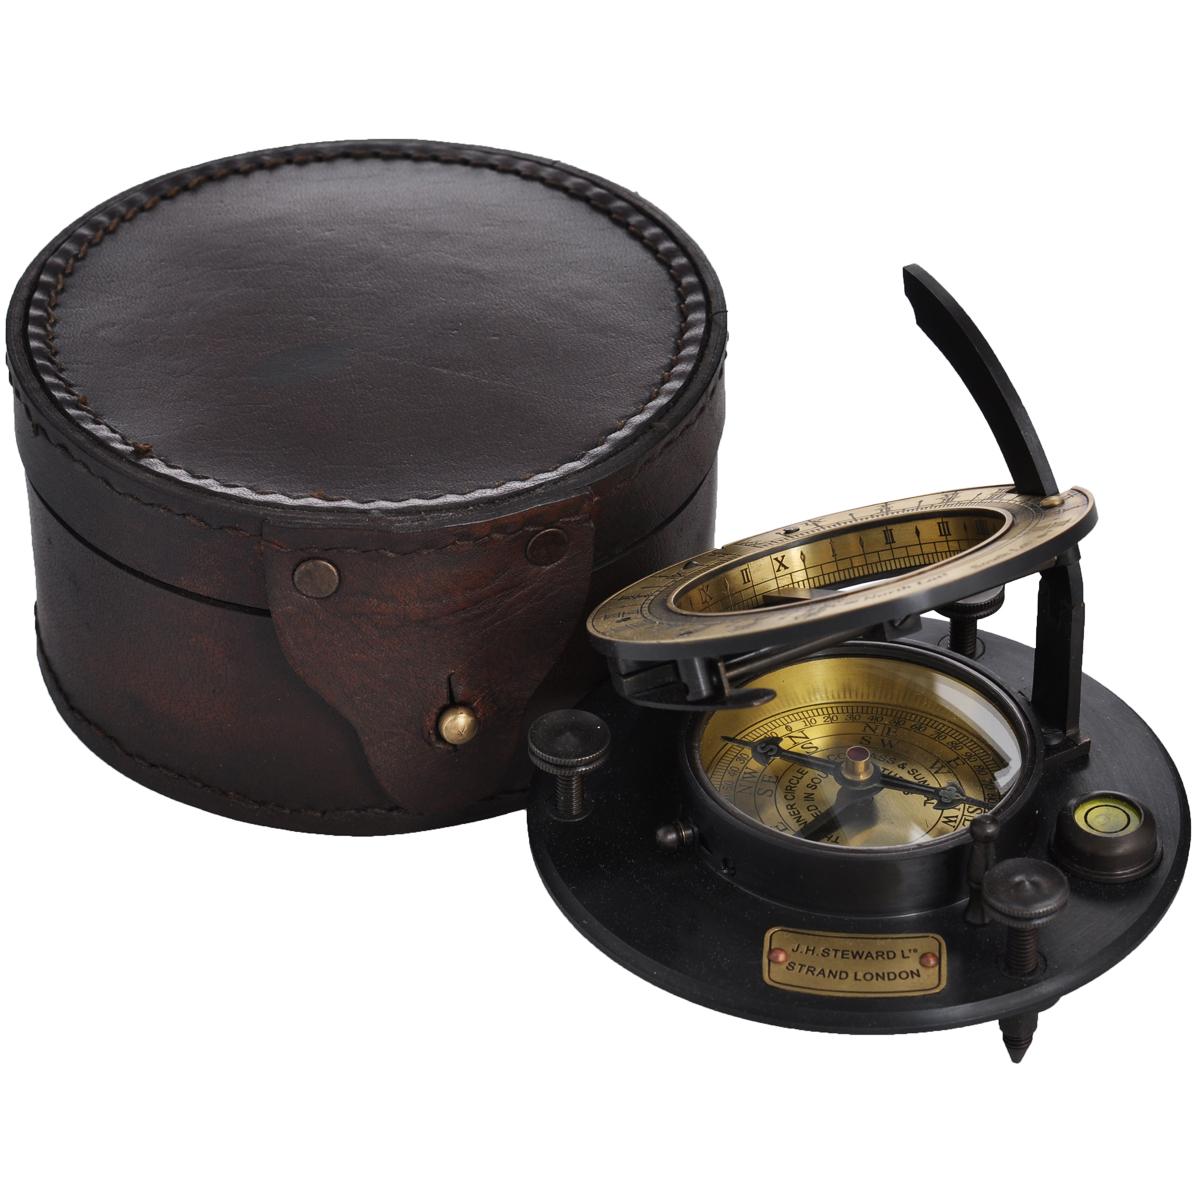 Сувенир настольный Корабельные солнечные часы и компас. 3581035810Настольный сувенир, выполнен в виде старинных корабельных солнечных часов с внутренним магнитным компасом, жидкостным уровнем и градусной шкалой. Корпус выполнен из латуни и оснащен устройством для фиксации магнитной стрелки и регулировочными винтами для выставления компаса по горизонтали по жидкостному уровню. Циферблат компаса имеет обозначения сторон горизонта буквами: S, N, E, W. Циферблат солнечных часов оформлен римскими цифрами. Сувенир упакован в кожаный футляр, закрывающийся хлястиком. Такой сувенир станет прекрасным подарком человеку, любящему красивые, но в тоже время практичные вещи, способные украсить интерьер офиса или дома.